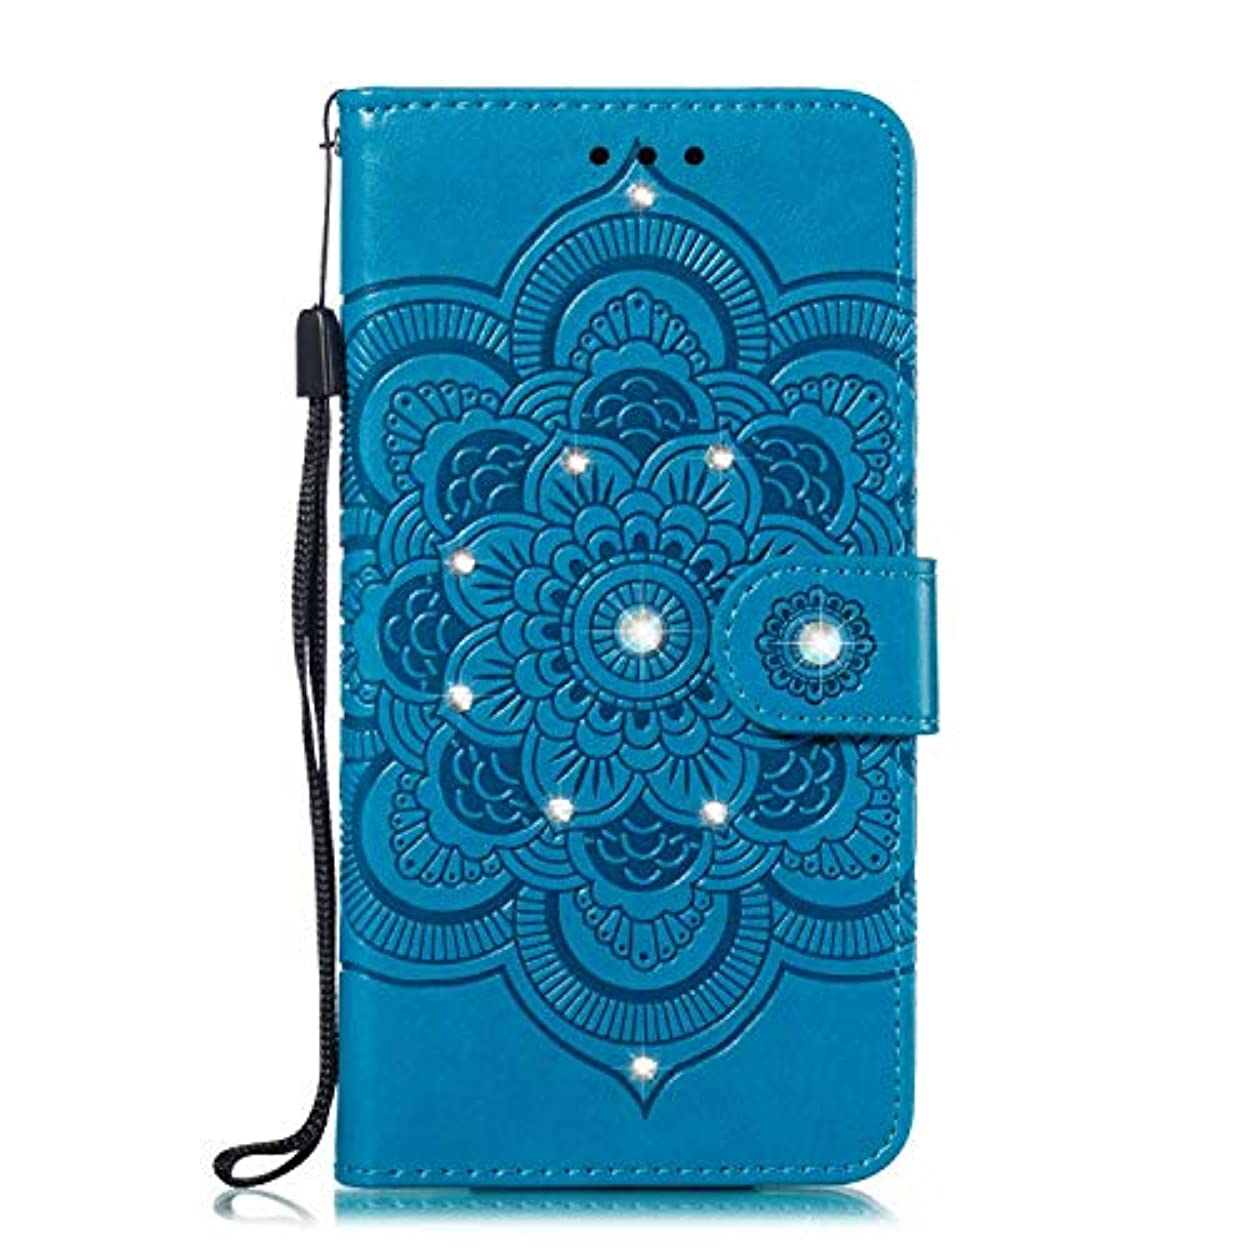 湿原村周辺CUNUS 高品質 合皮レザー ケース Huawei Honor 10i 用, 防塵 ケース, 軽量 スタンド機能 耐汚れ カード収納 カバー, ブルー